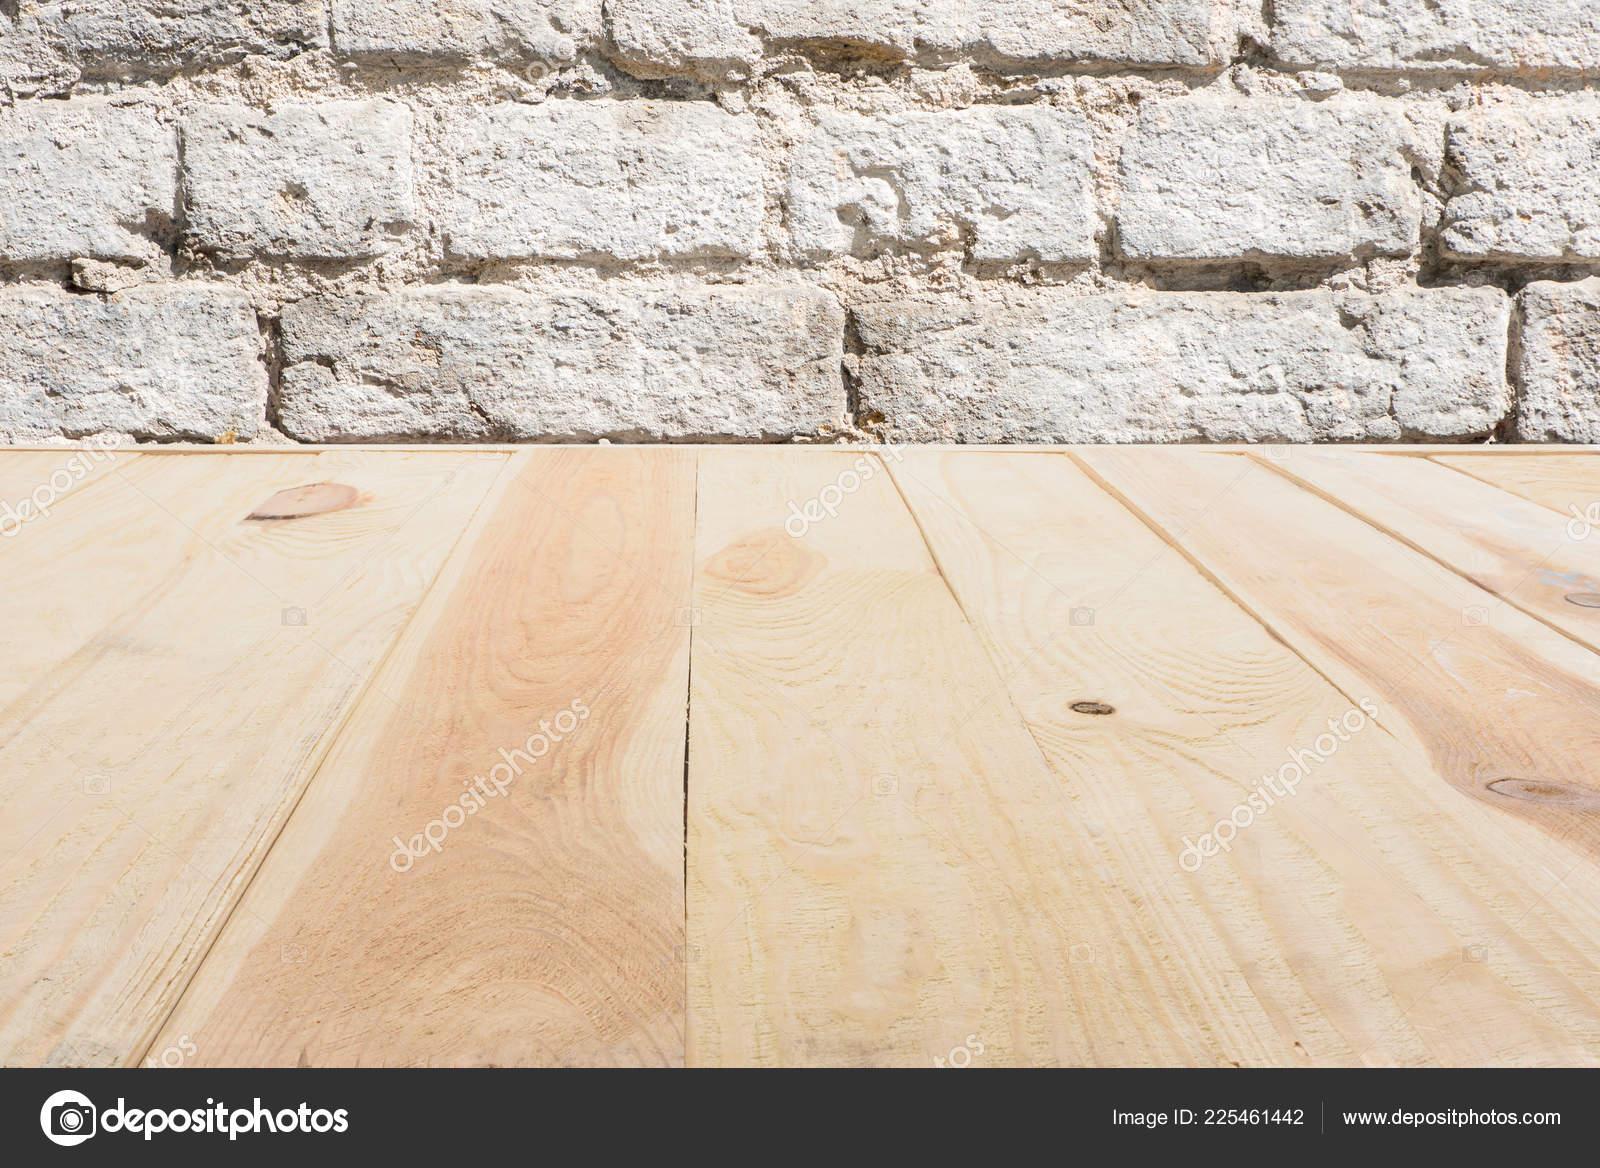 Sjabloon van beige houten vloer gemaakt van planken met bakstenen